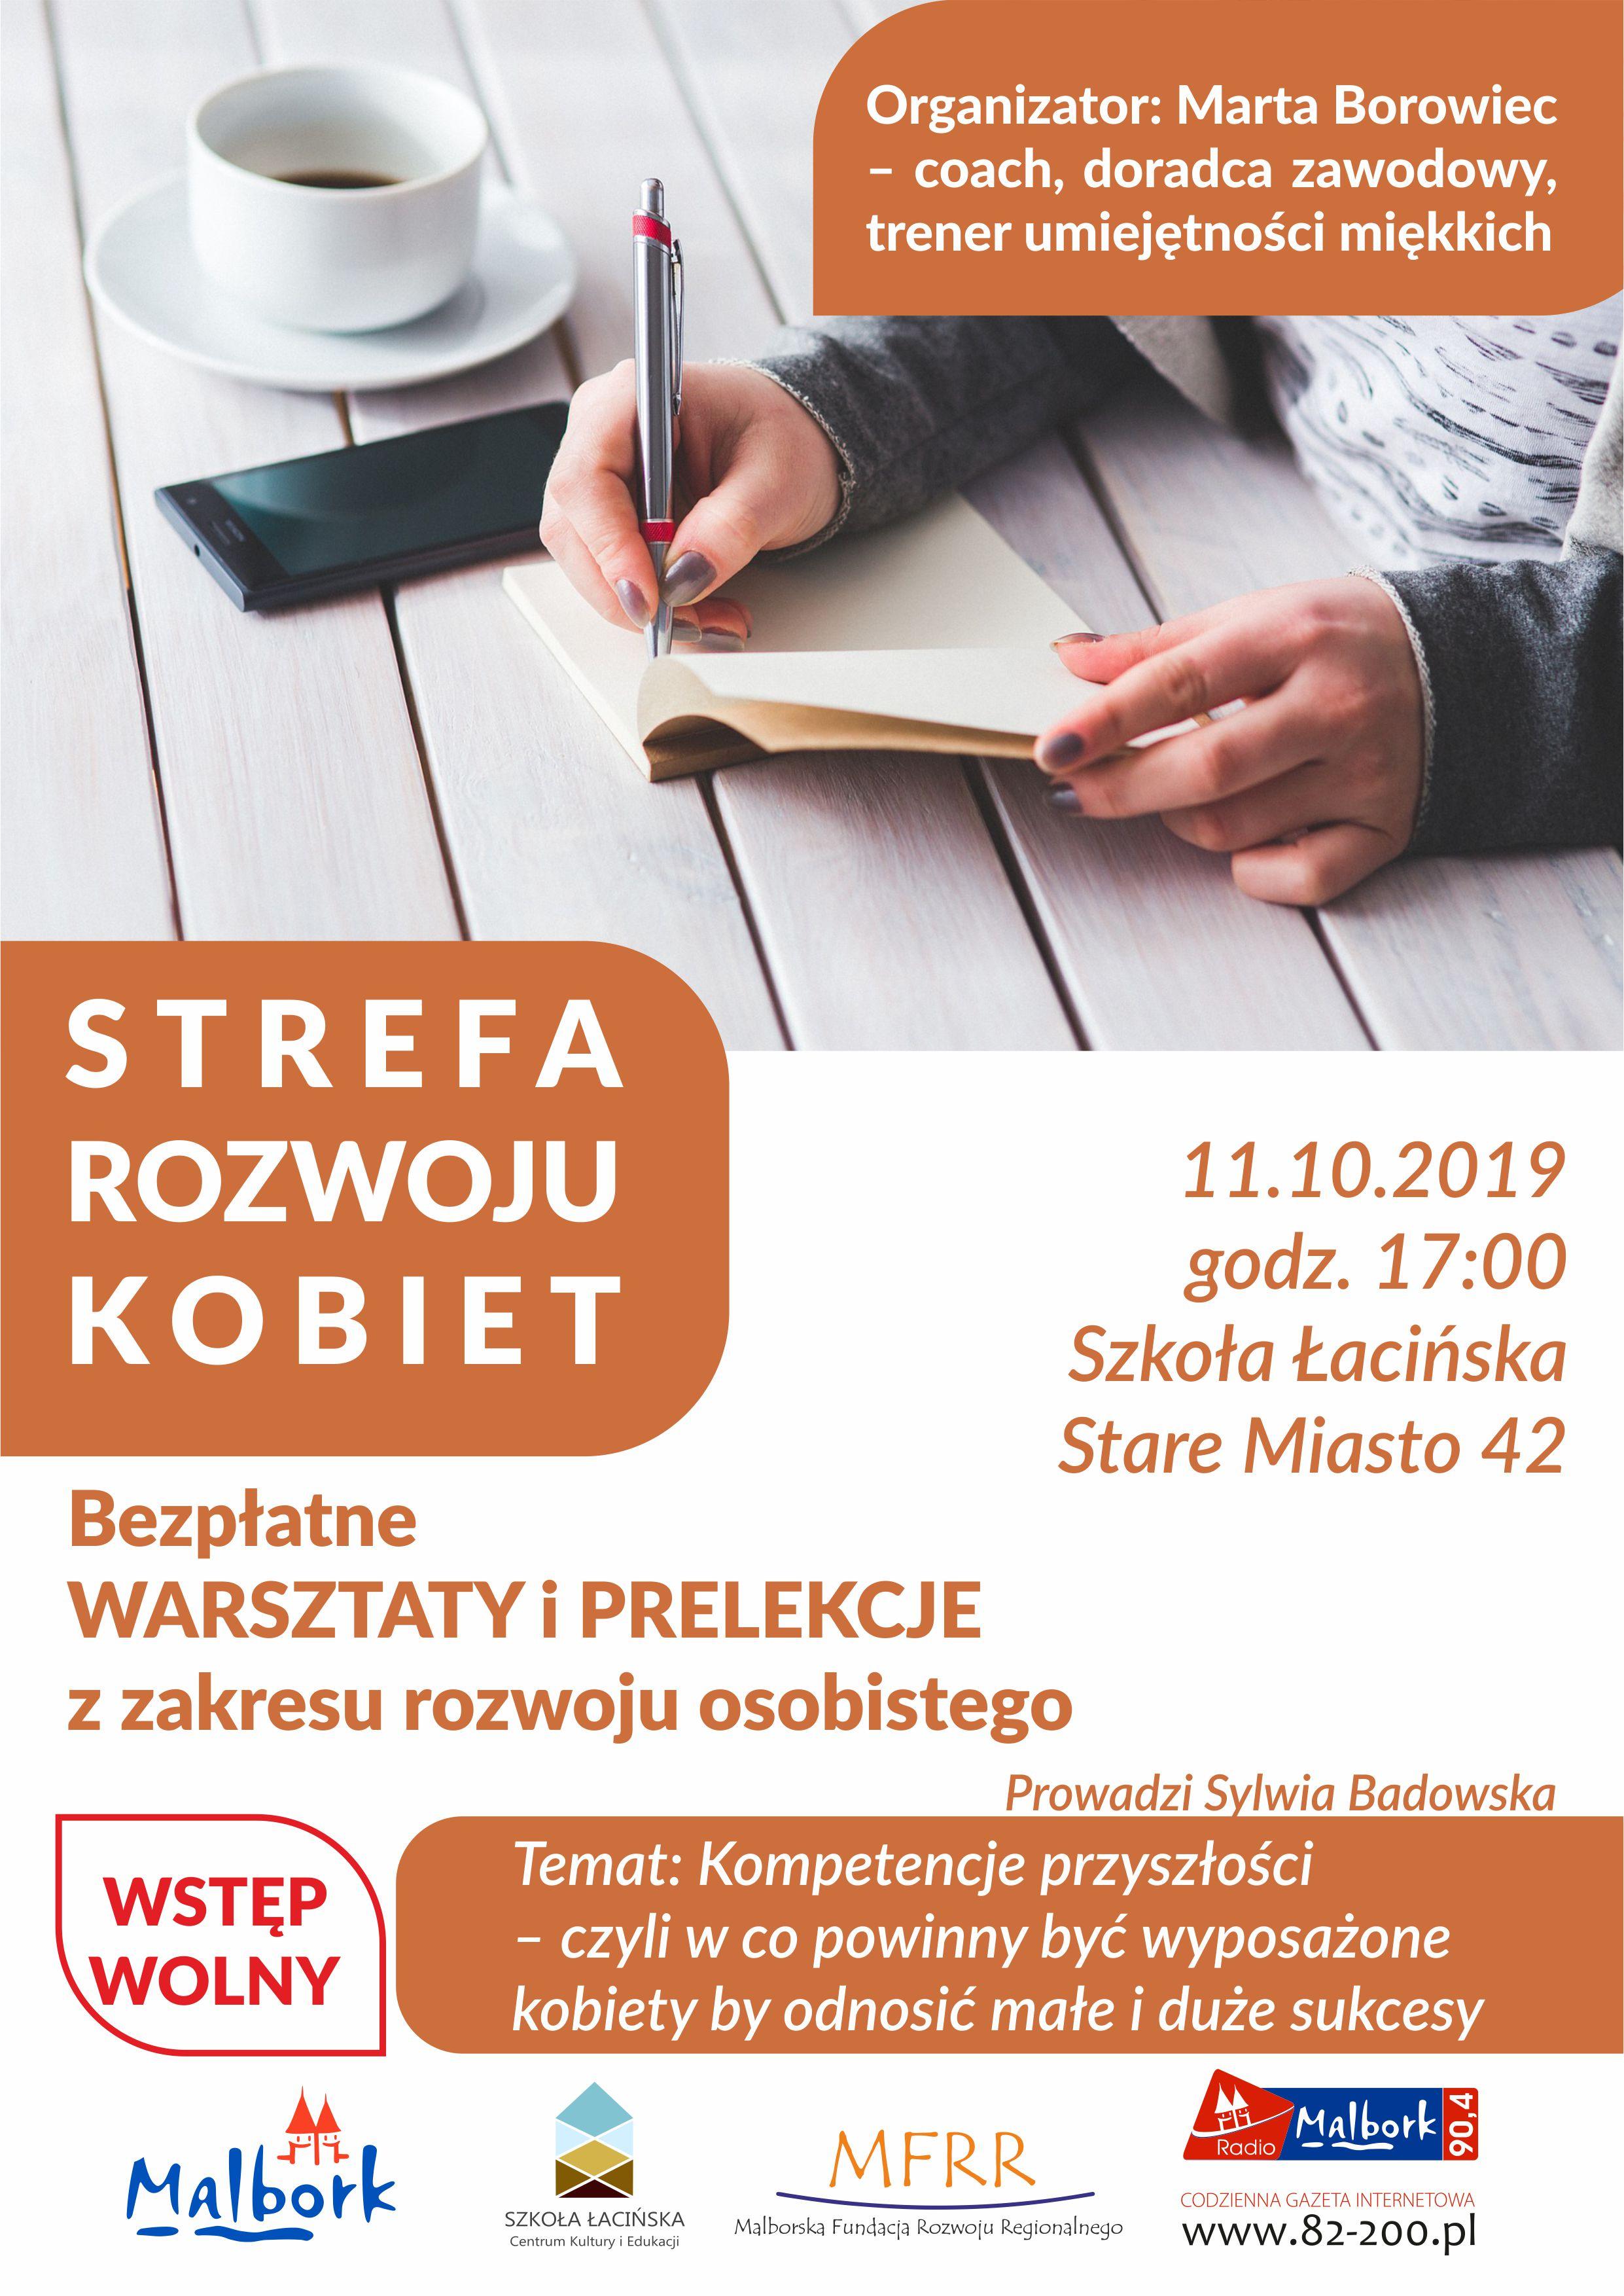 http://m.82-200.pl/2019/10/orig/strefa-plakat2-5020.jpg